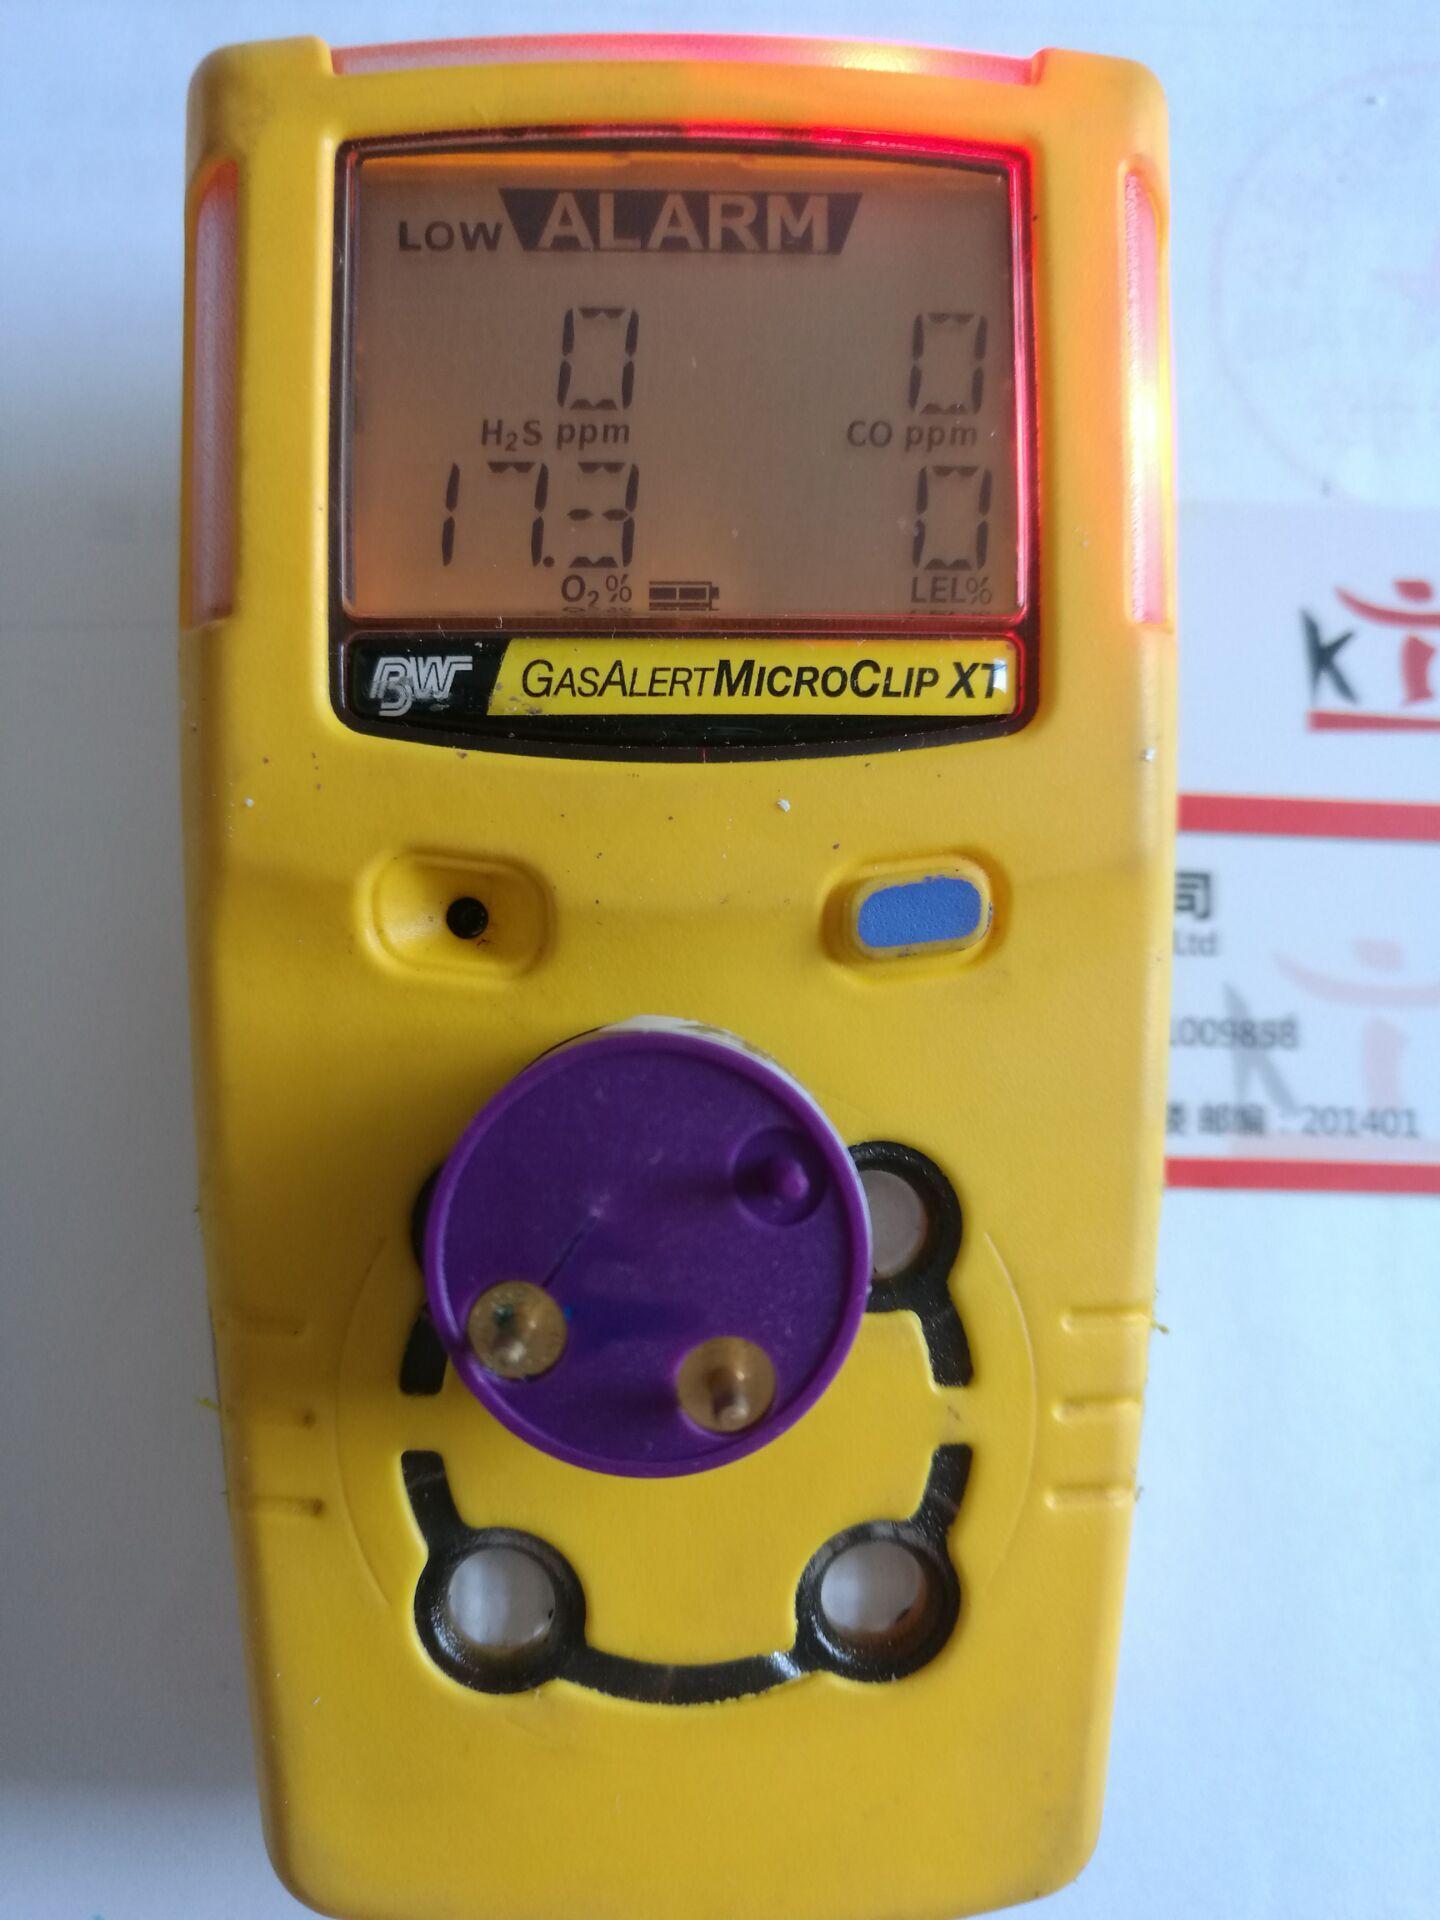 BW氧气传感器连接板腐蚀导致接触不良